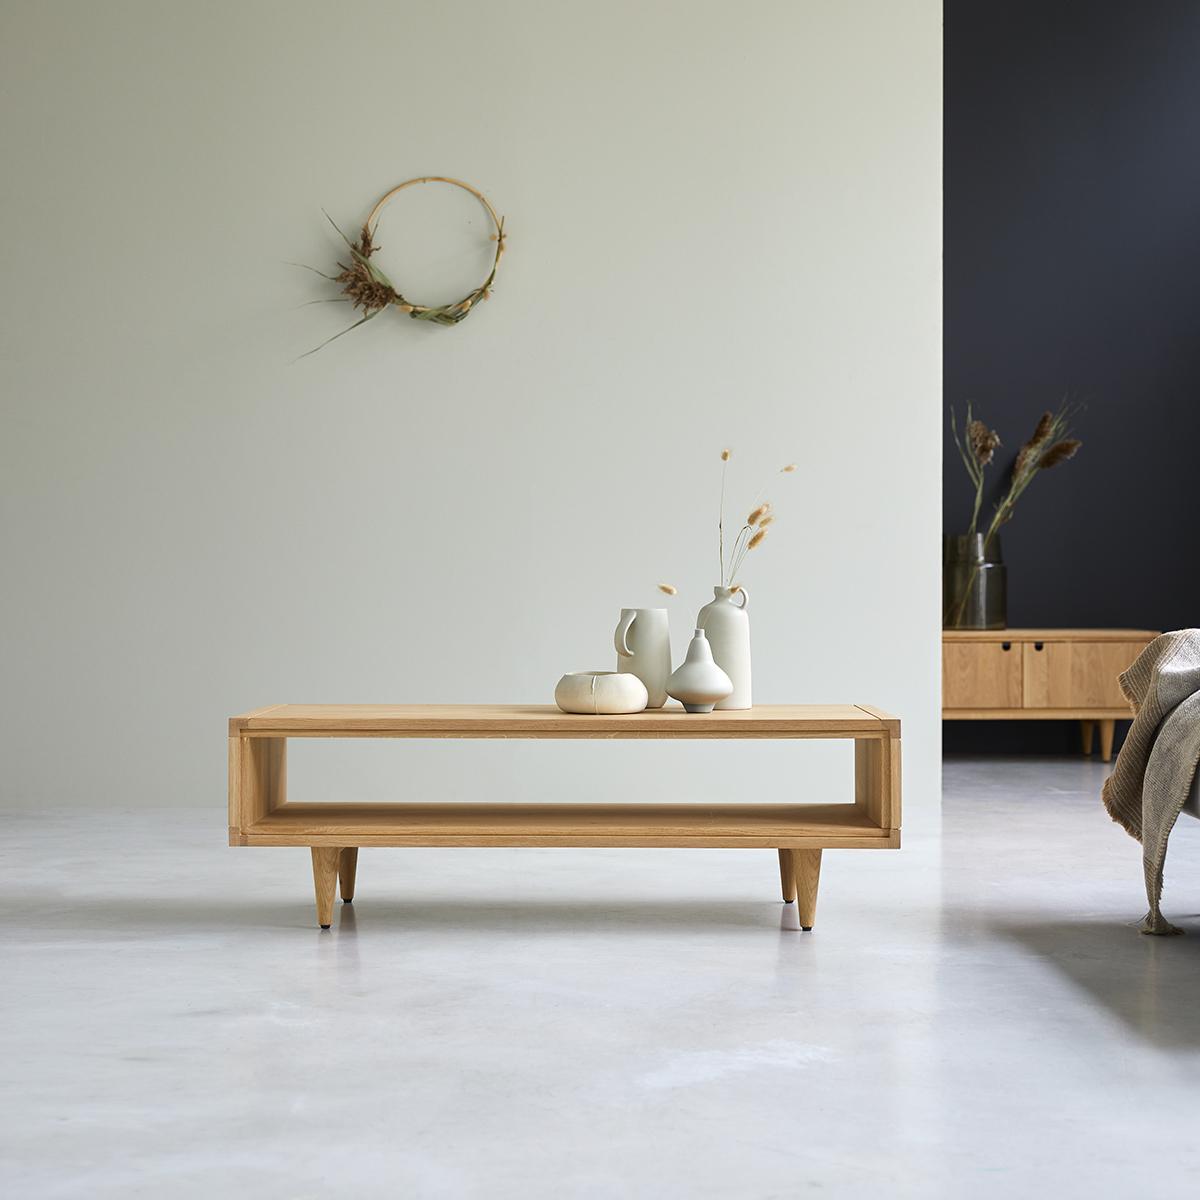 Jonàk solid oak Coffee Table